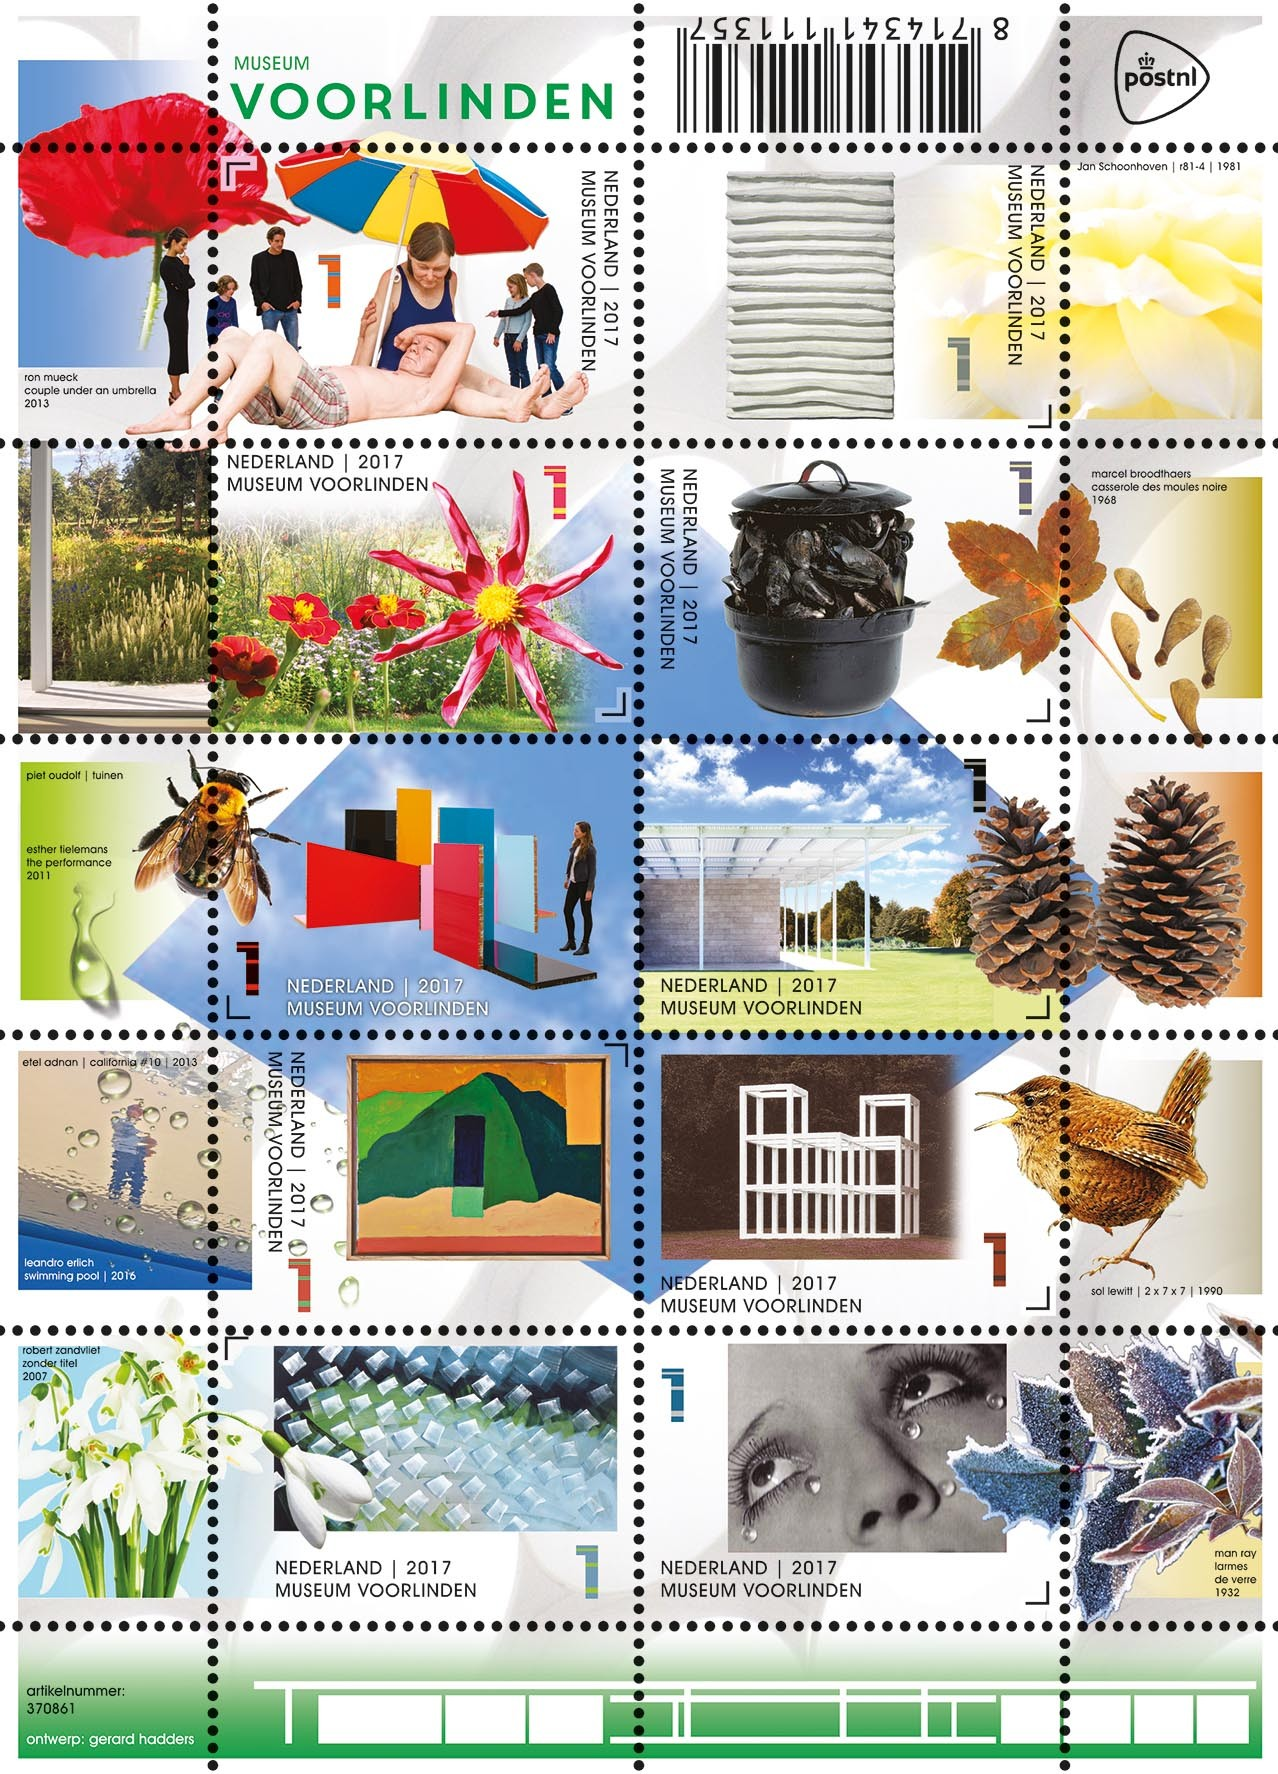 Museum Voorlinden, het postzegelvel